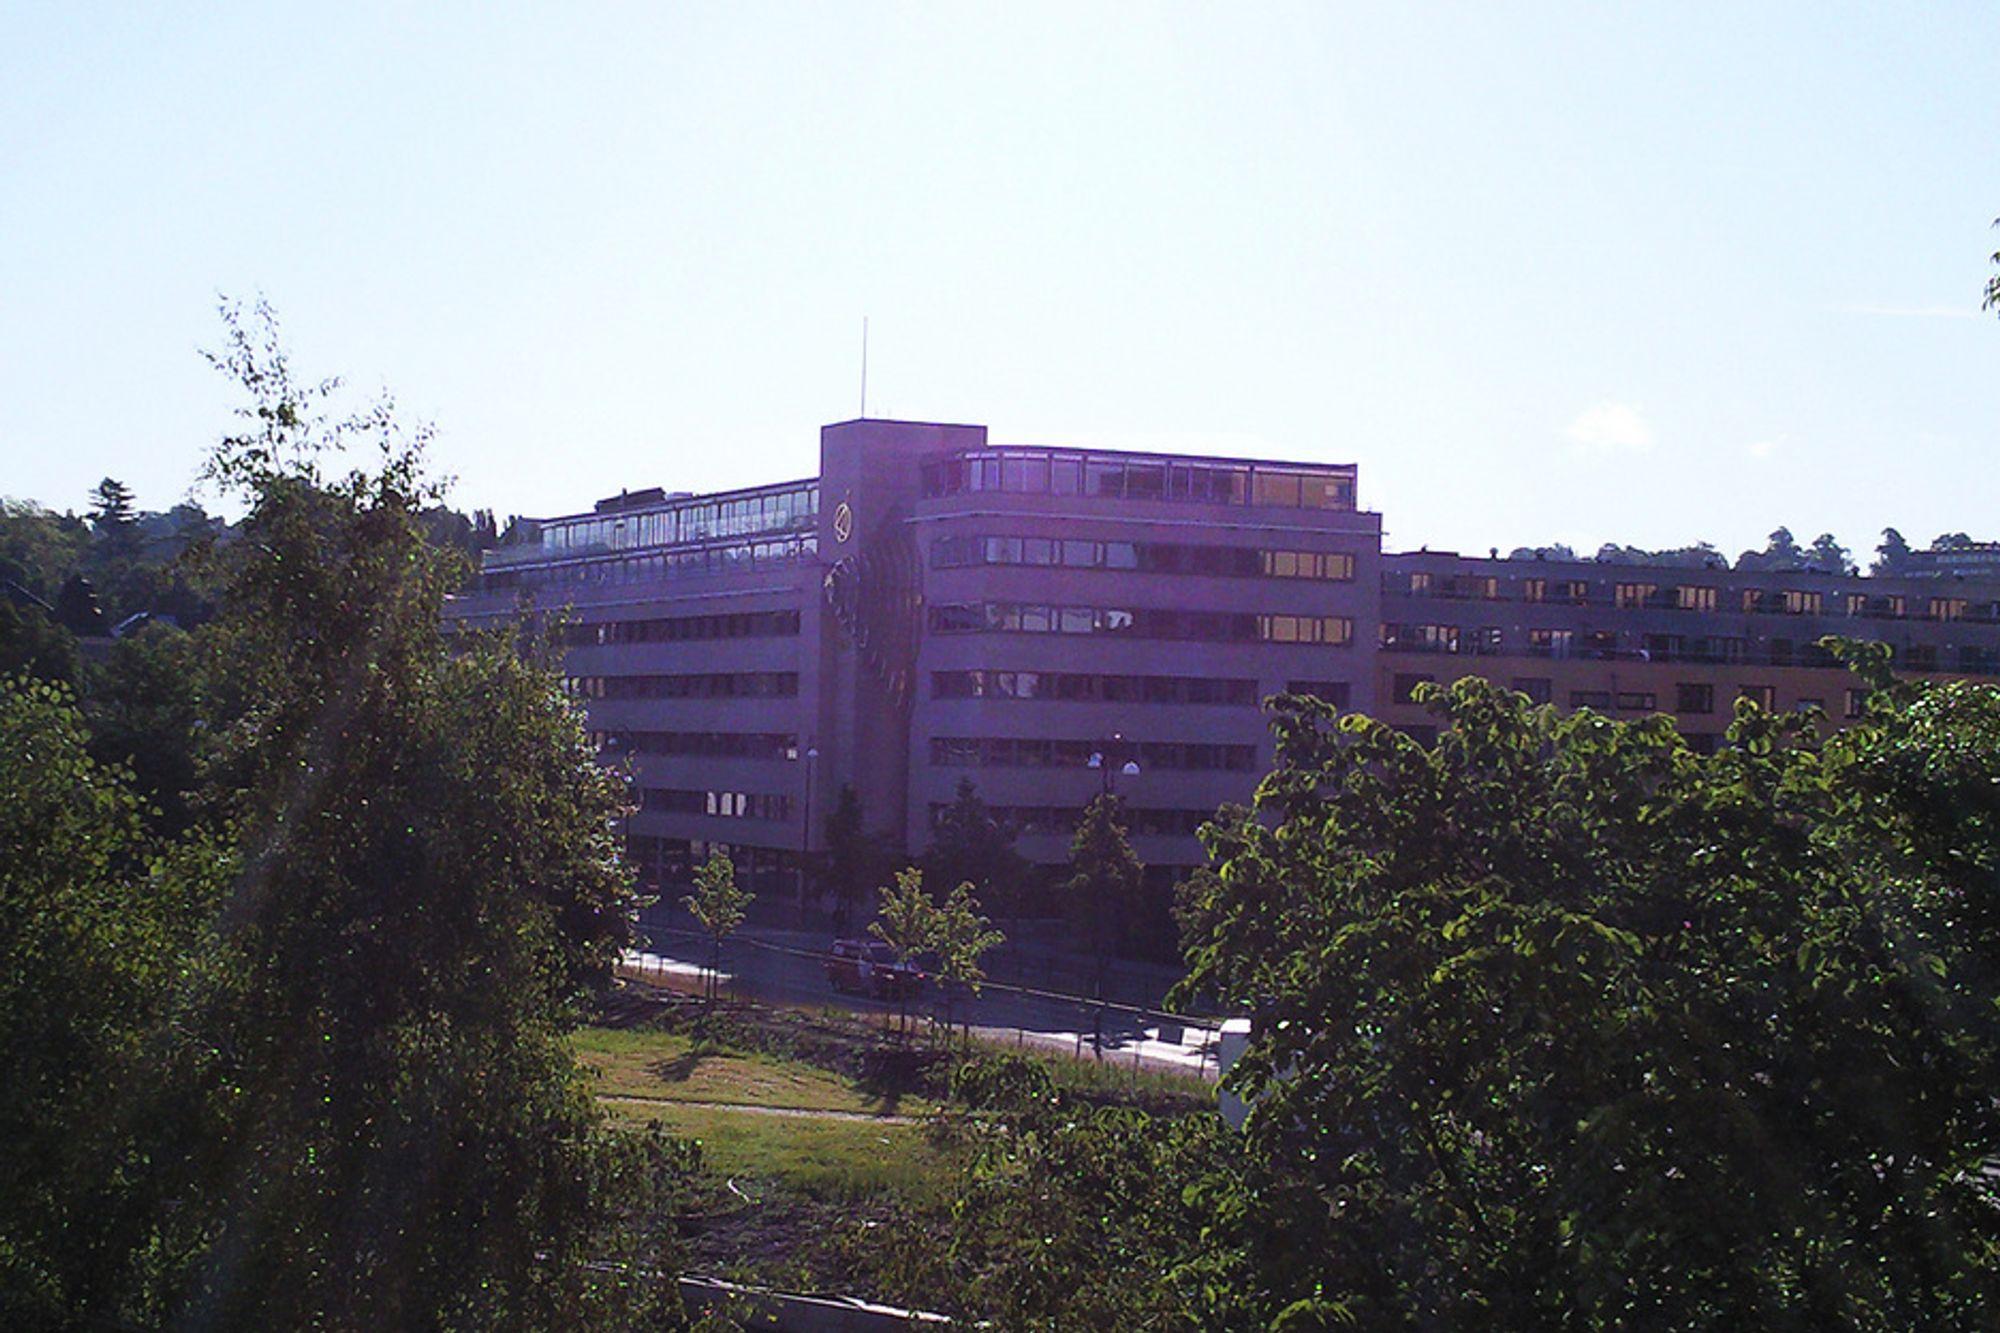 En ansatt ved hovdkontoret til Plan- og bygningsetaten i Oslo skal ha mottatt penger fra et eiendomsfirma og et arkitektfirma i forbindelse med en rekke saker personen var ansvarlig for.